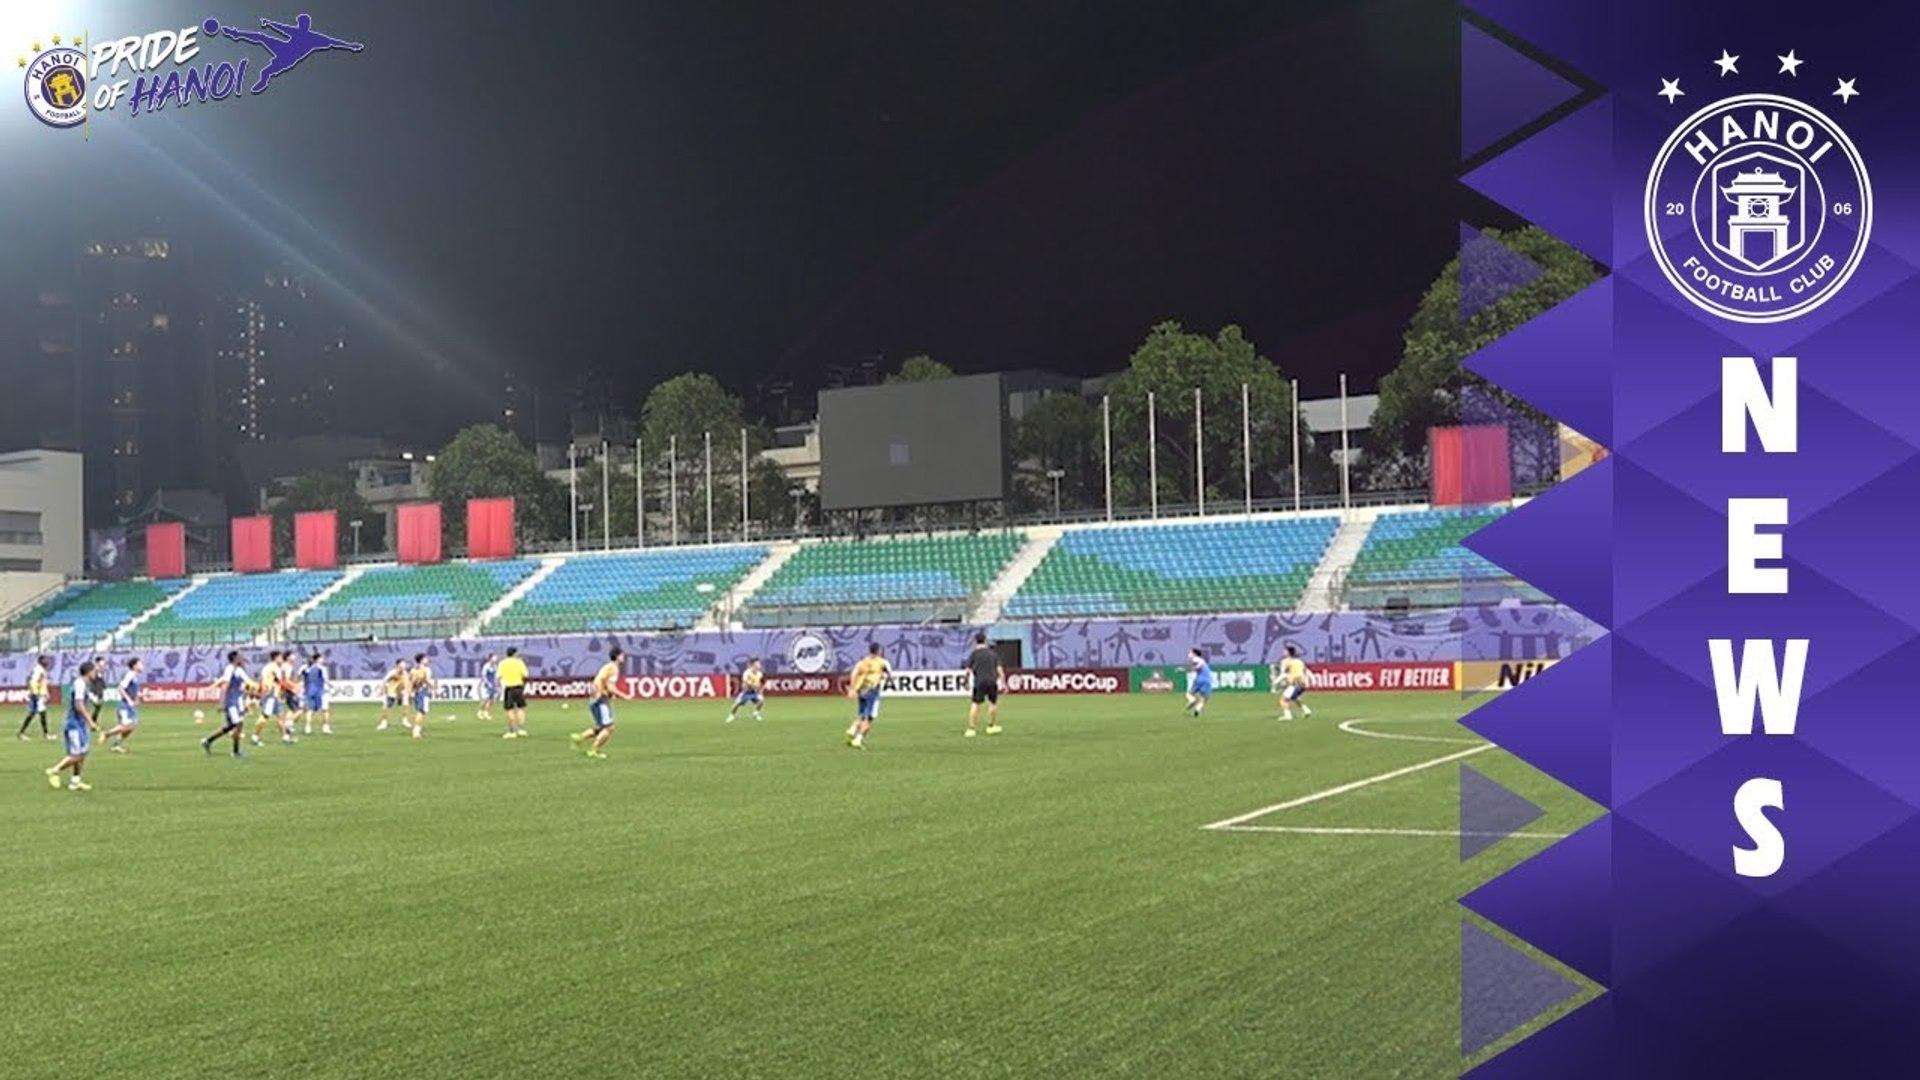 Toàn cảnh SVĐ Jalan Besar - Địa điểm tổ chức trận đấu giữa Tampines Rovers và Hà Nội | HANOI FC